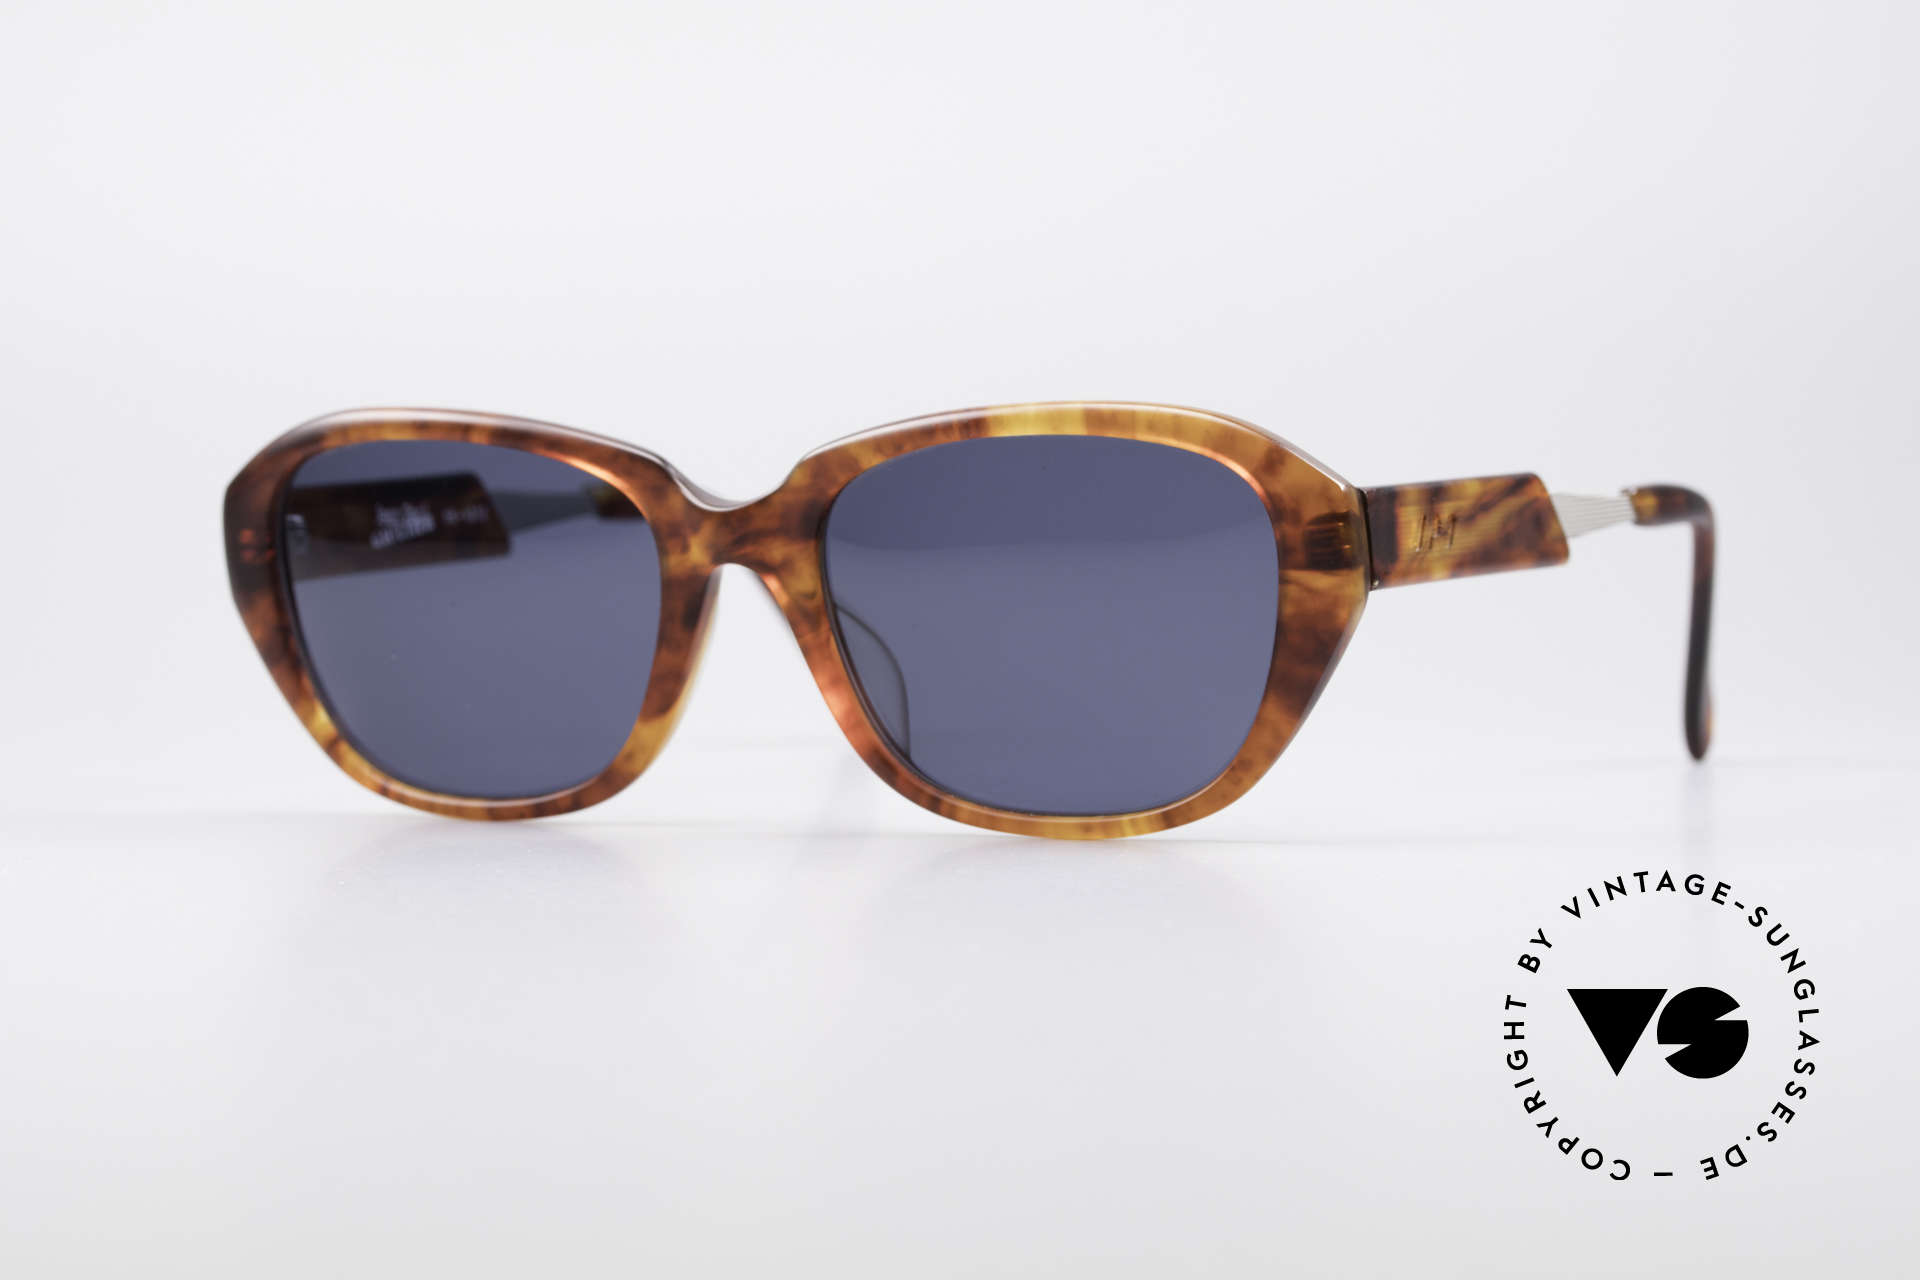 Jean Paul Gaultier 56-1072 JPG Designer Sunglasses, 1990s vintage designer sunglasses by Jean P. Gaultier, Made for Men and Women